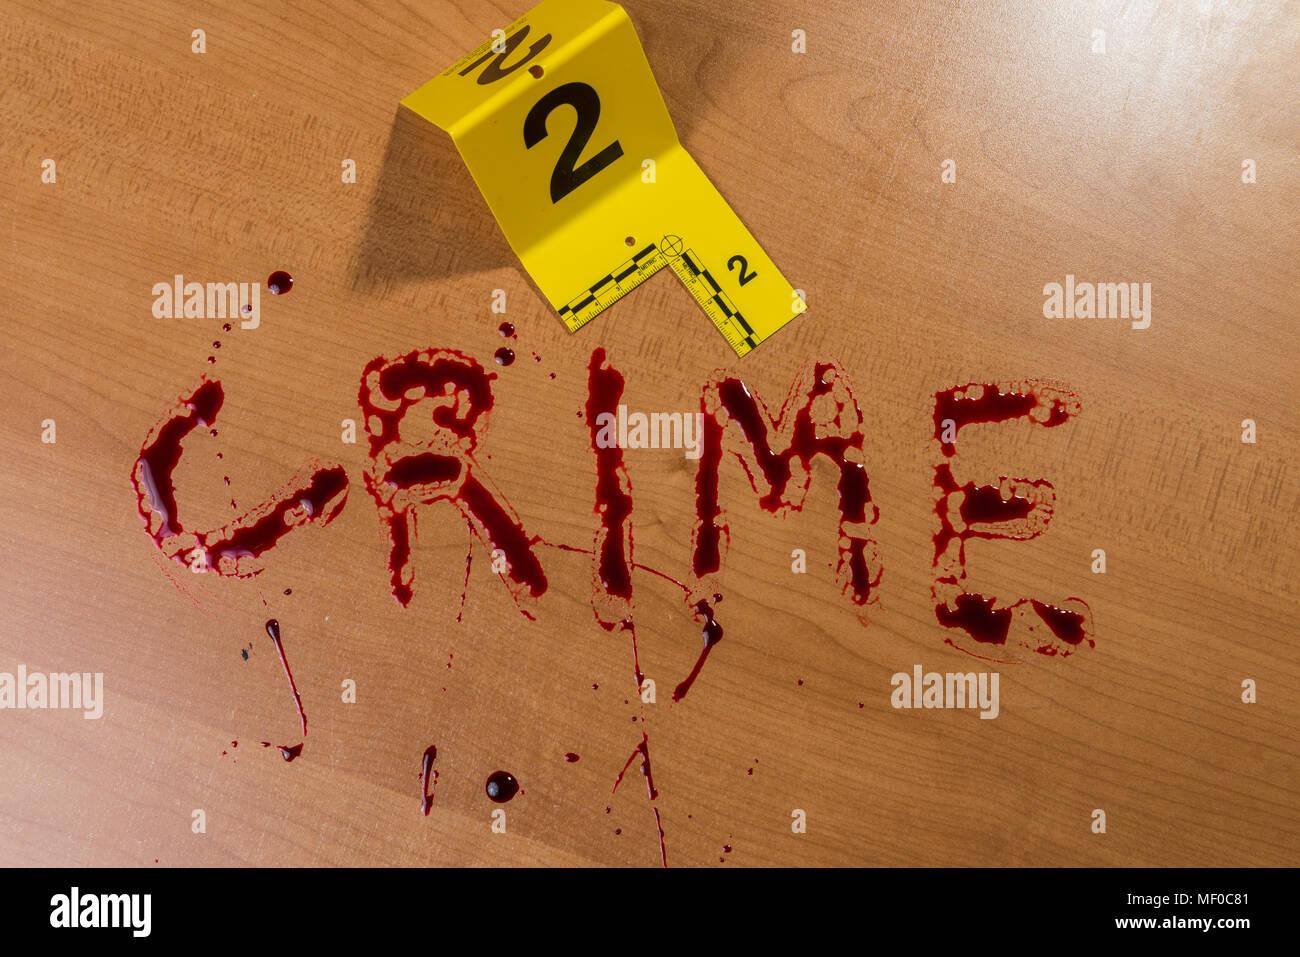 """Das Wort """"Verbrechen"""" im Blut auf einem Holz Oberfläche neben einem blutigen Messer, sowohl durch die Beweise am Tatort Markierungen gekennzeichnet geschrieben. Stockbild"""